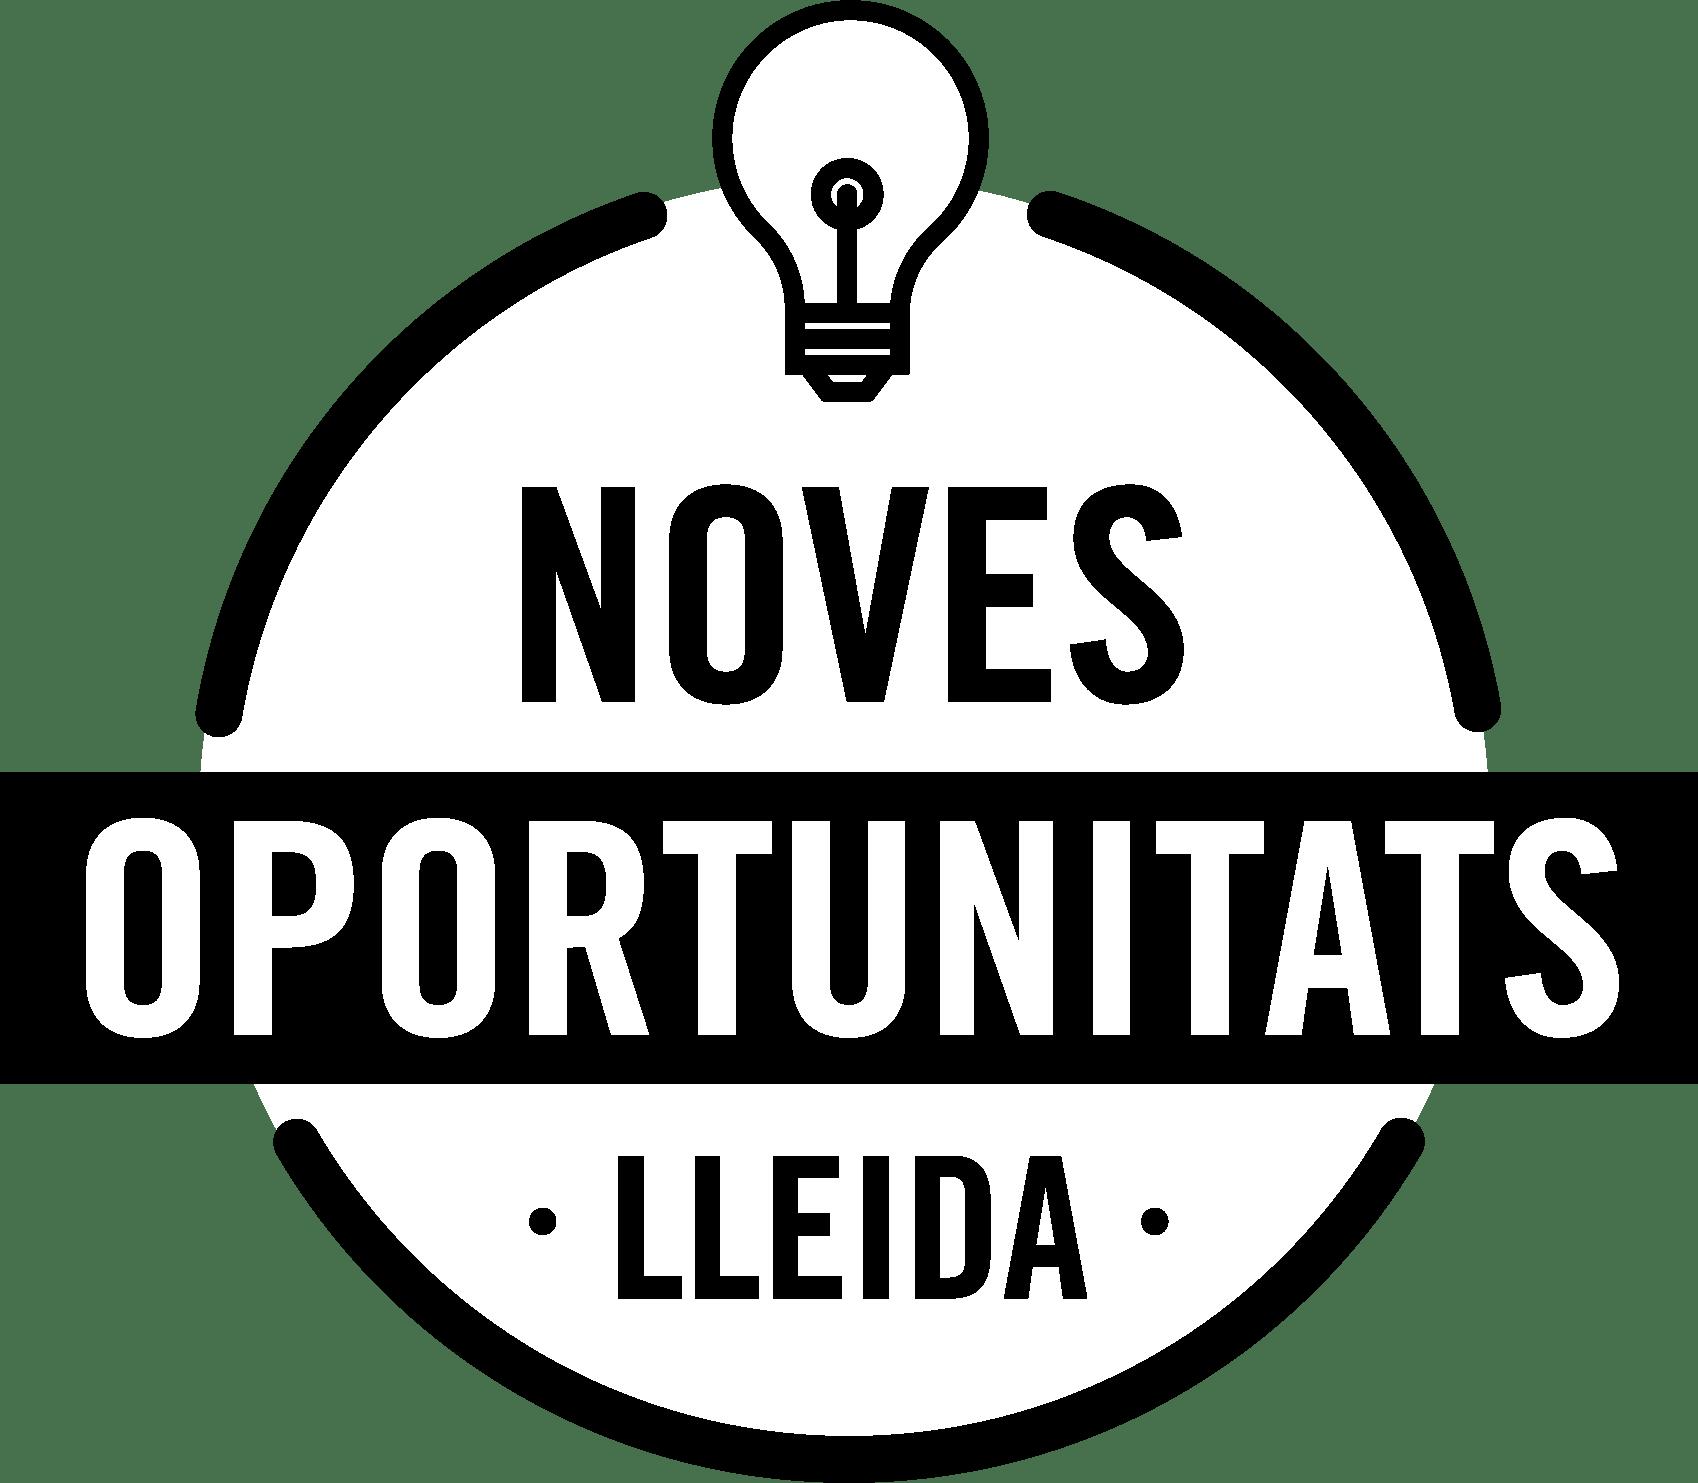 Noves Oportunitats Lleida